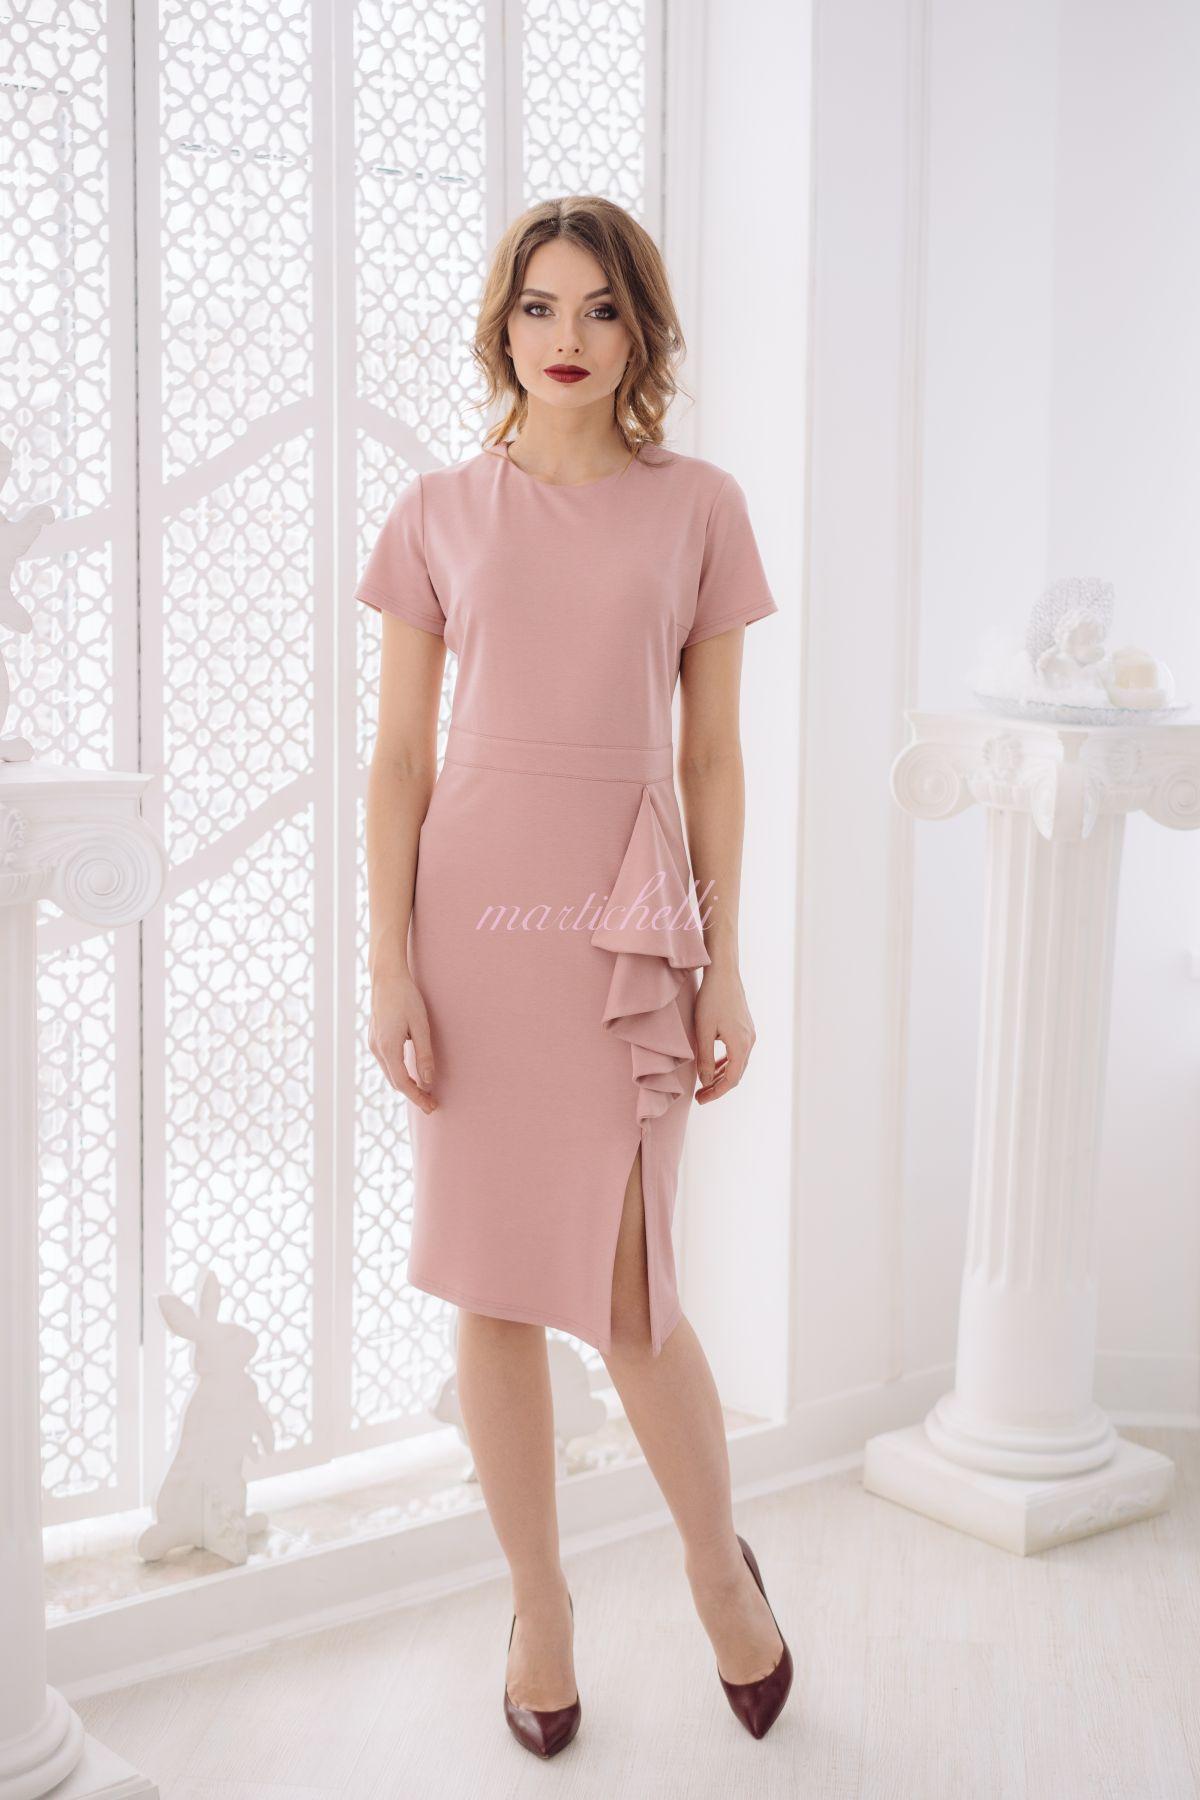 Длина платья при росте 86 см